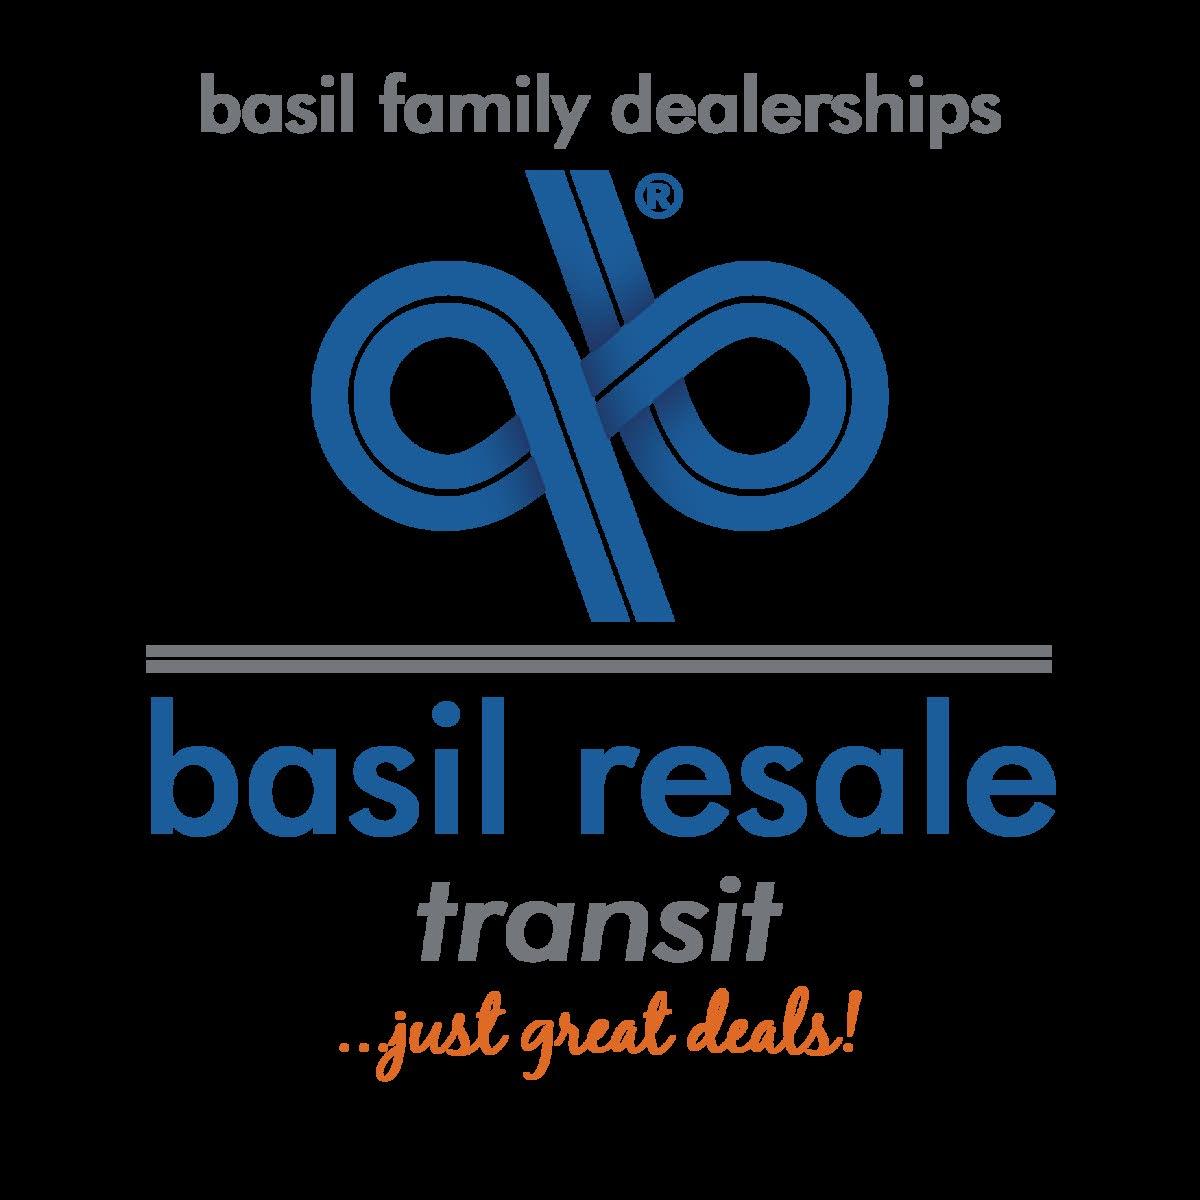 Basil Resale Transit >> Basil Resale Transit Buffalo Ny Read Consumer Reviews